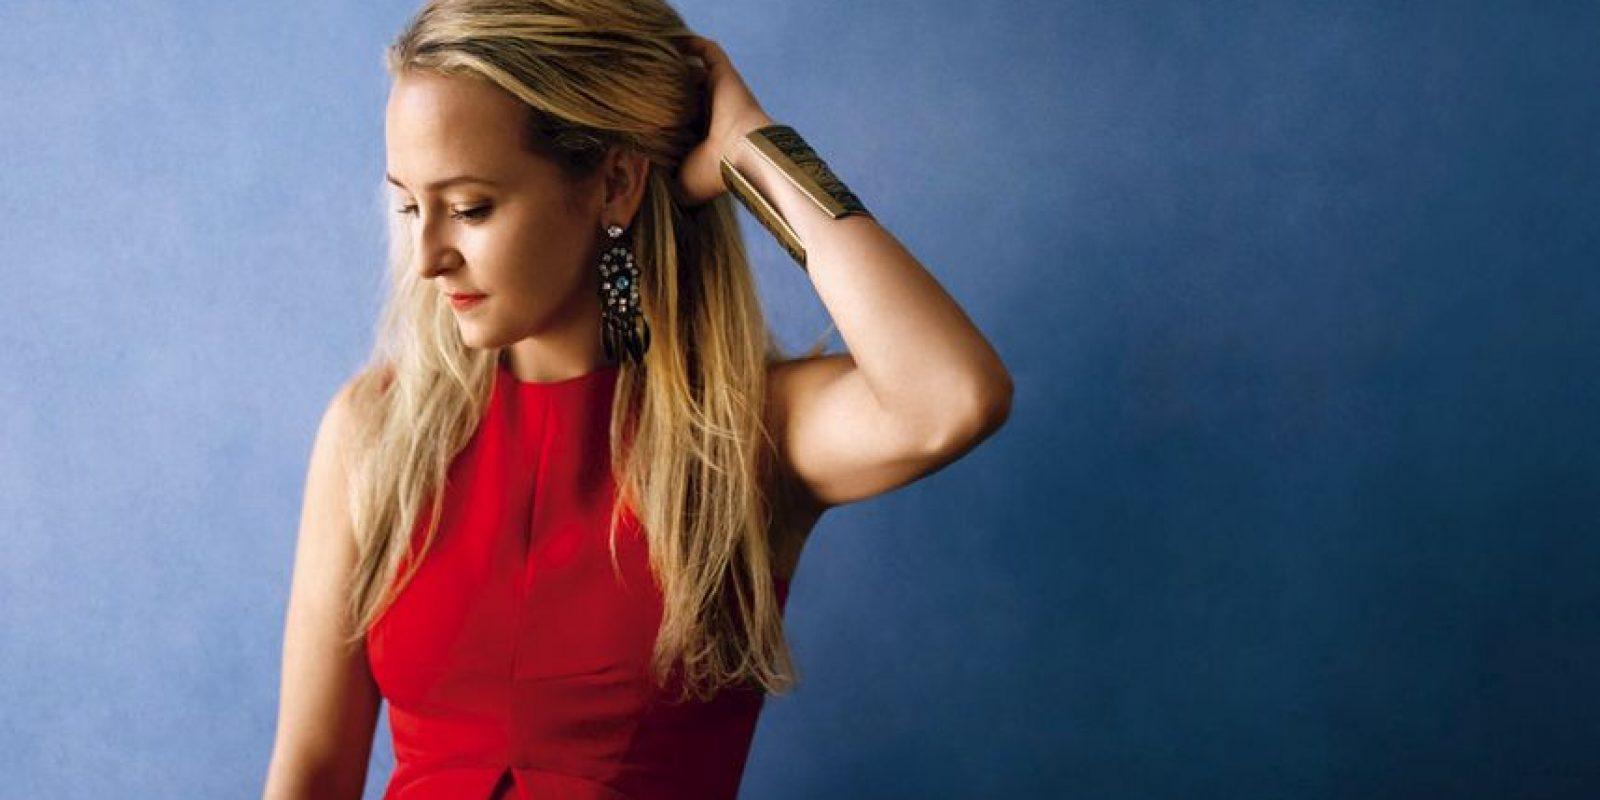 Alexa von Tobel, la fundadora y CEO de la empresa financiera Learn Vest, fue nombrada Líder Mundial en 2011. La también columnista en Cosmopolitan ha recaudado más de 72 millones de dólares para su causa Foto:Vía mundoejecutivo.com